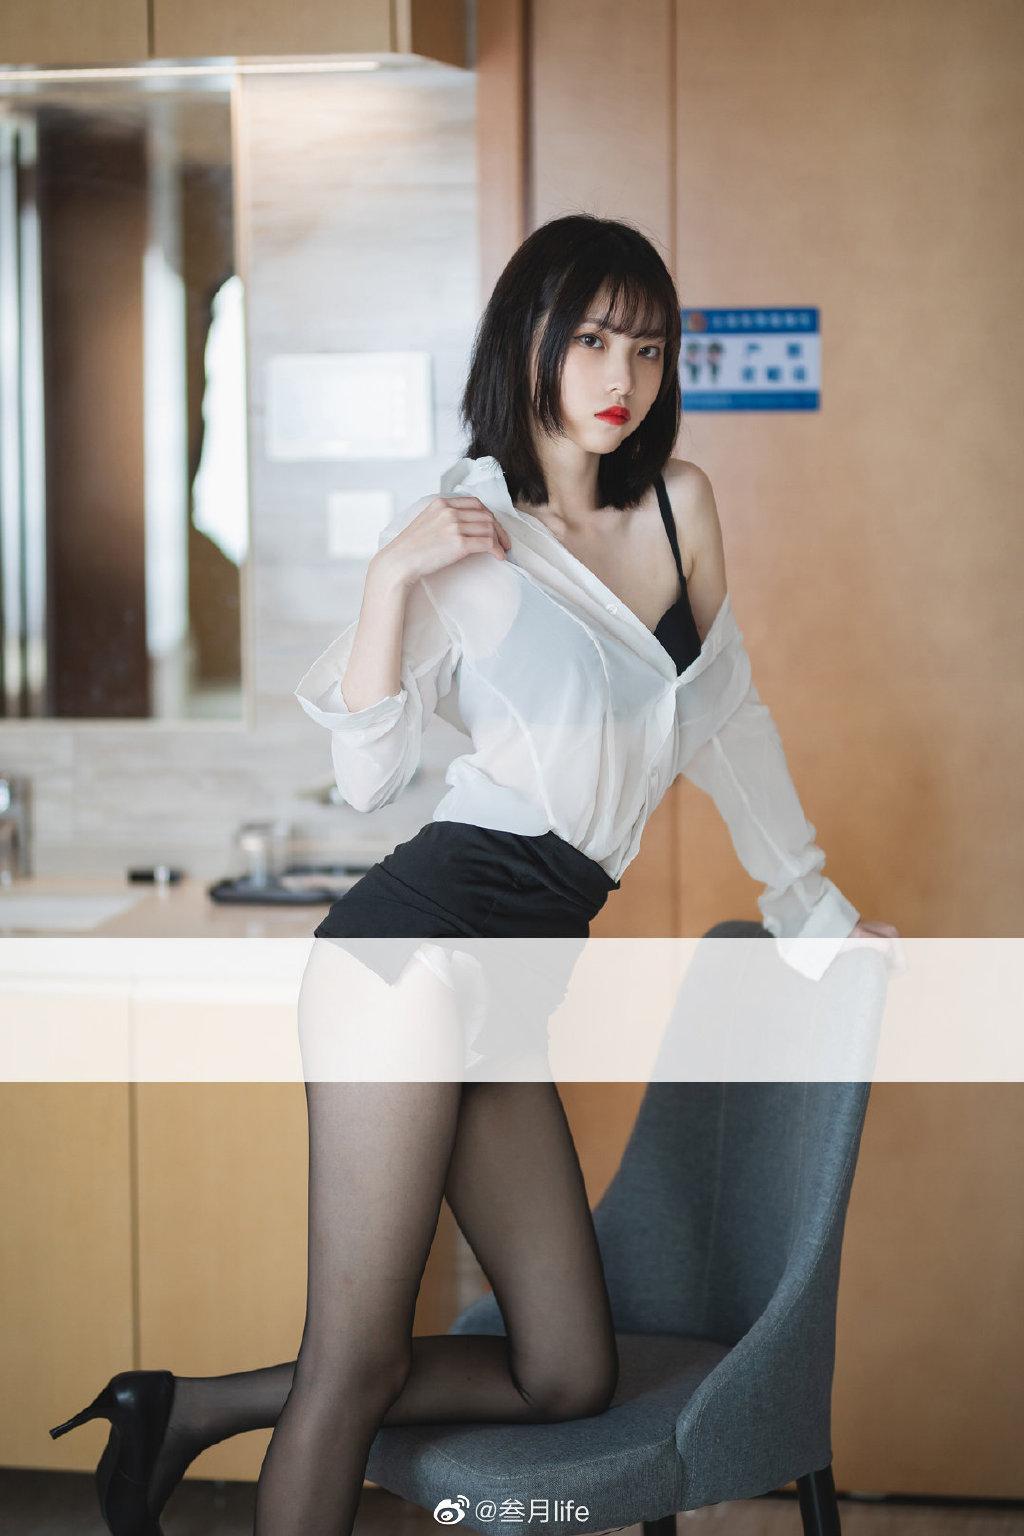 好标准的OL呀@许岚LAN 这么漂亮的腿不登三轮可惜了!插图6